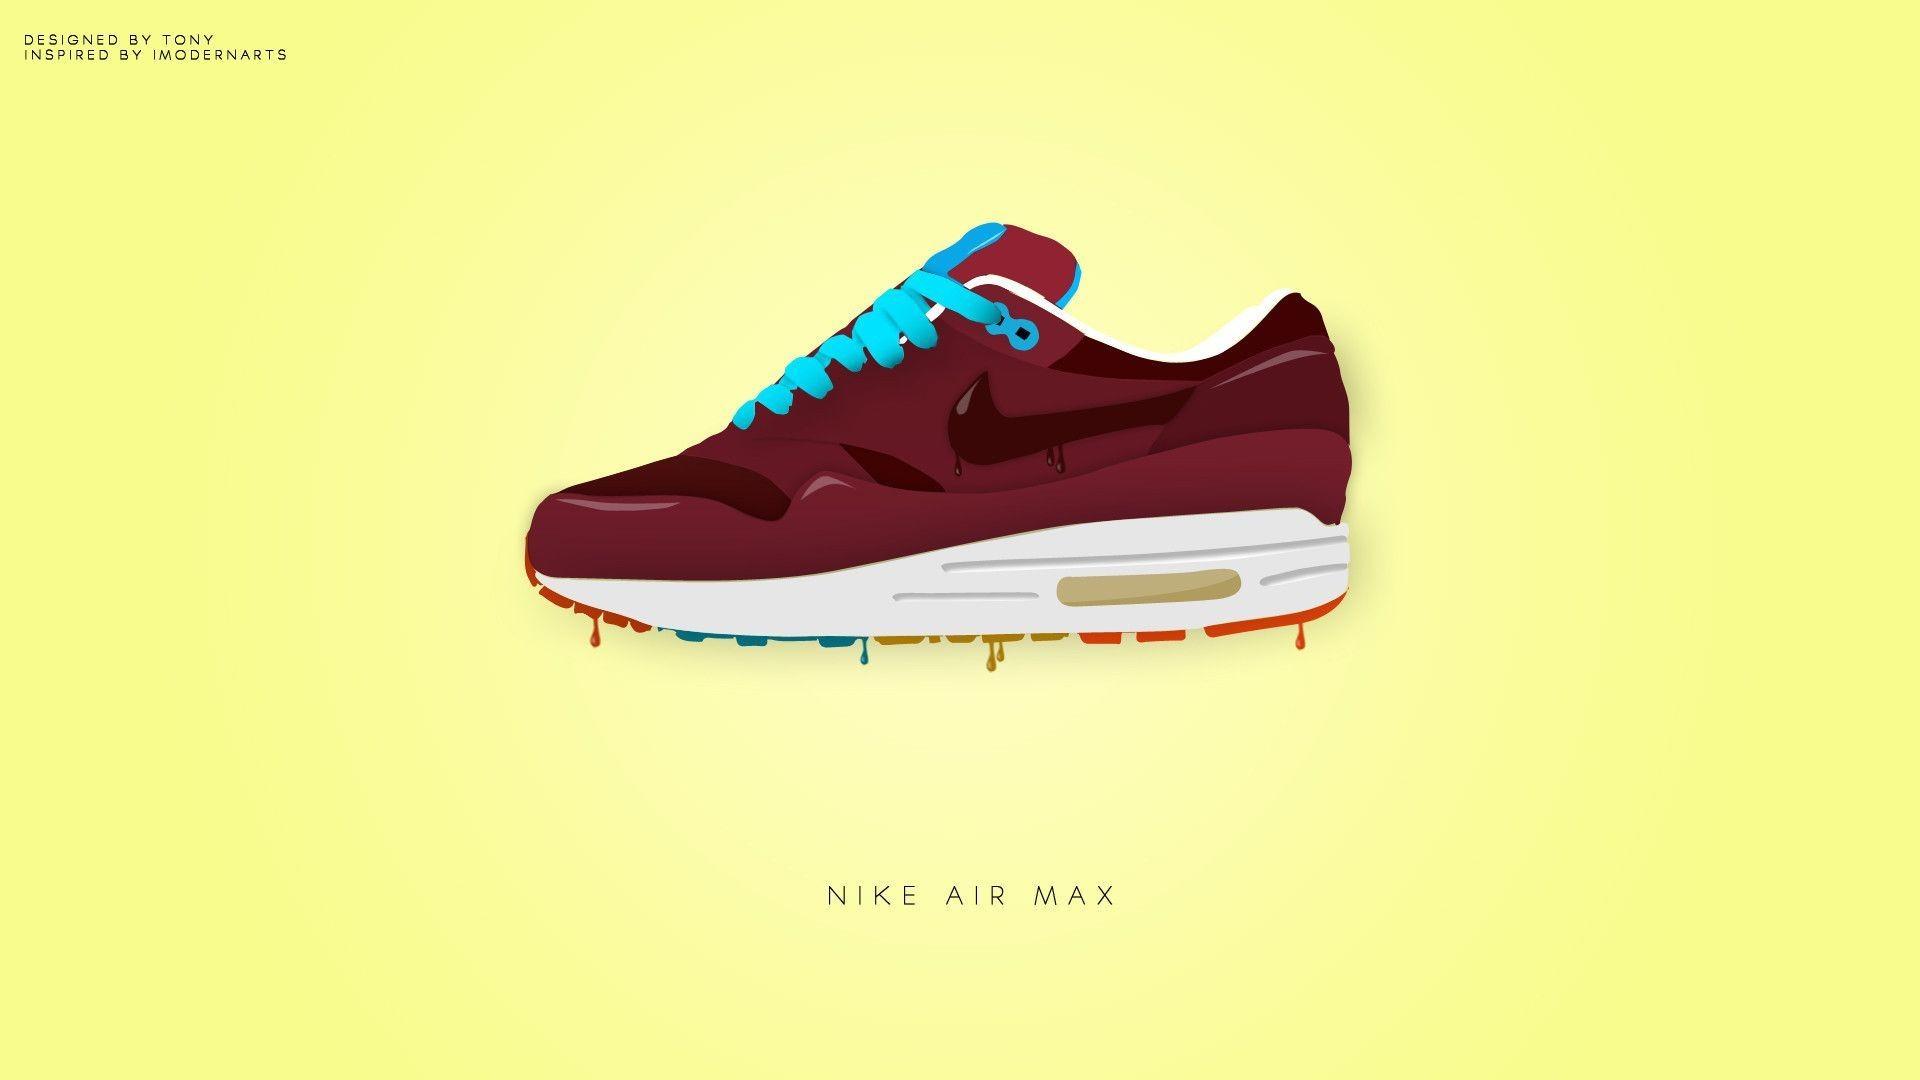 Nike Air Max Wallpaper 55 Images